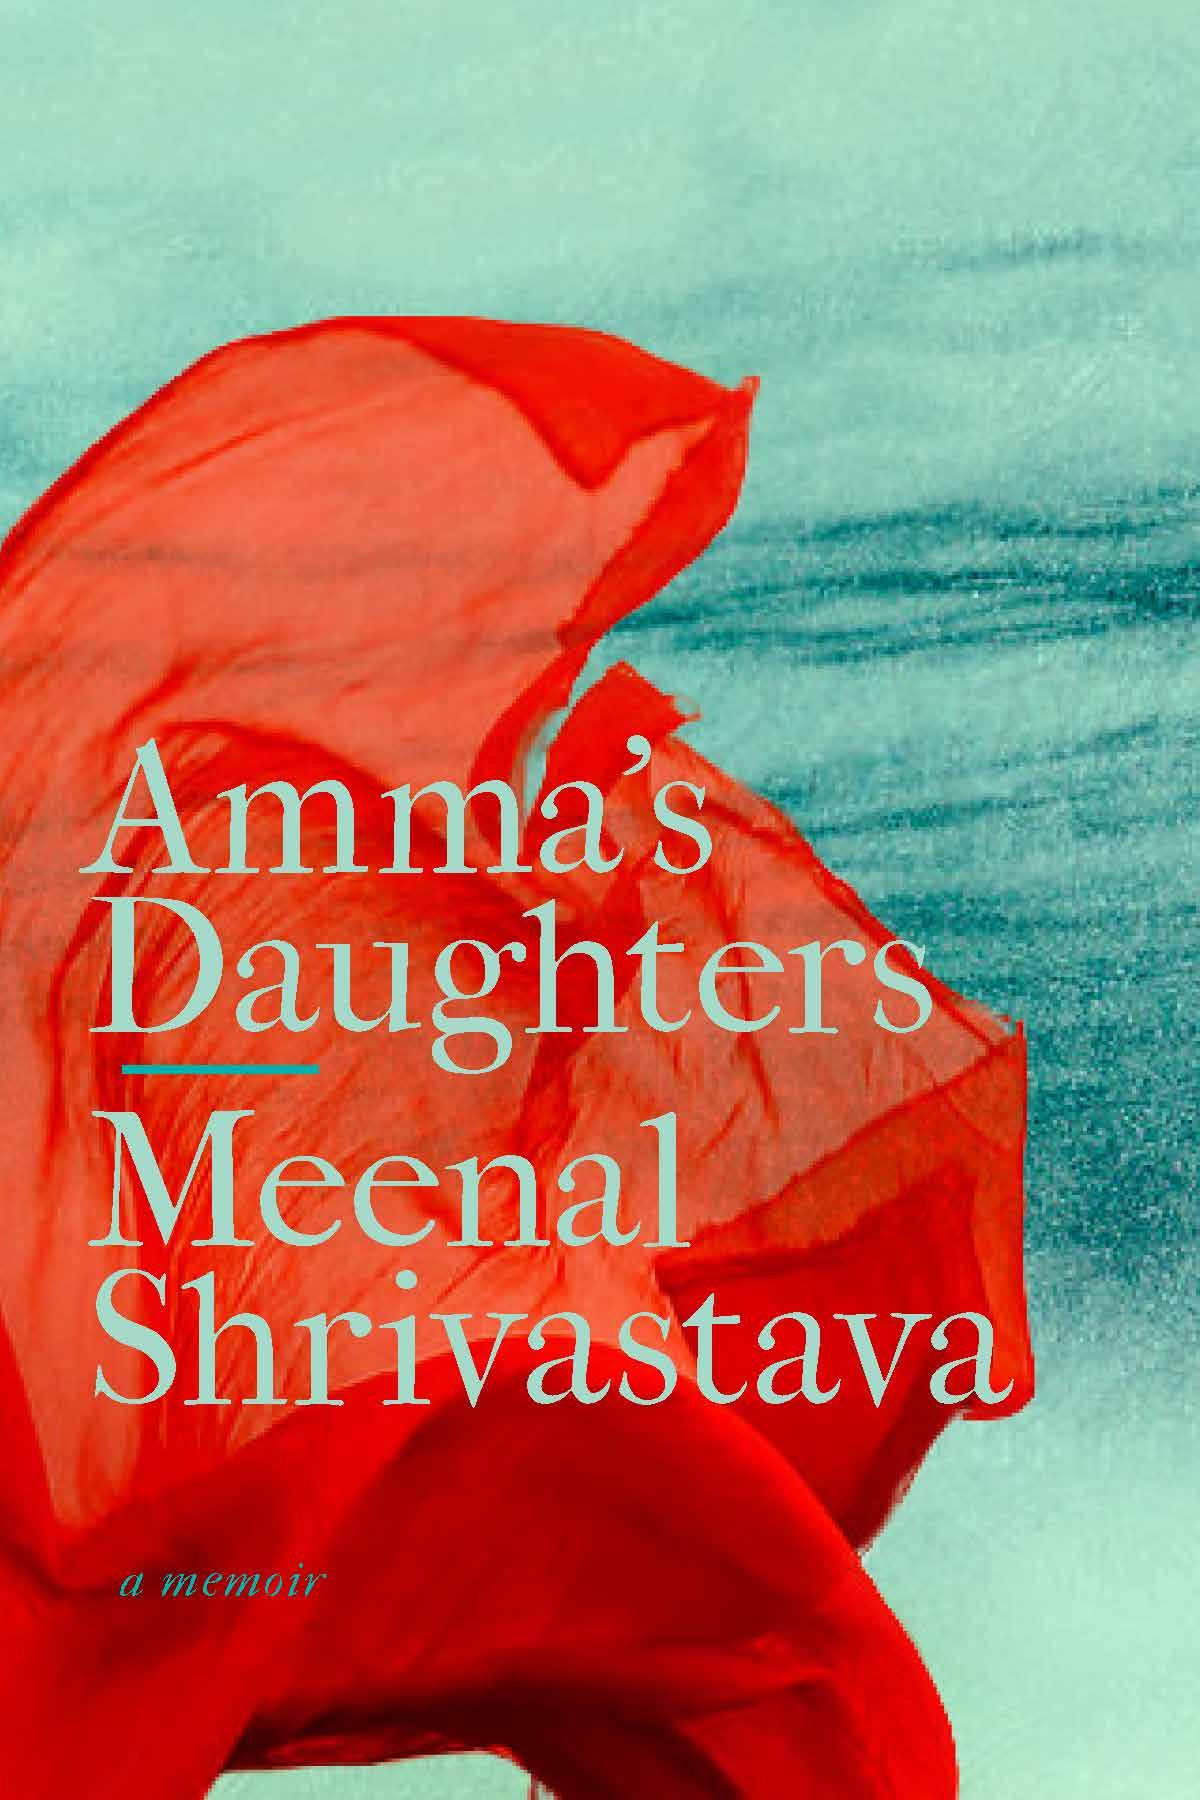 Amma's Daughters